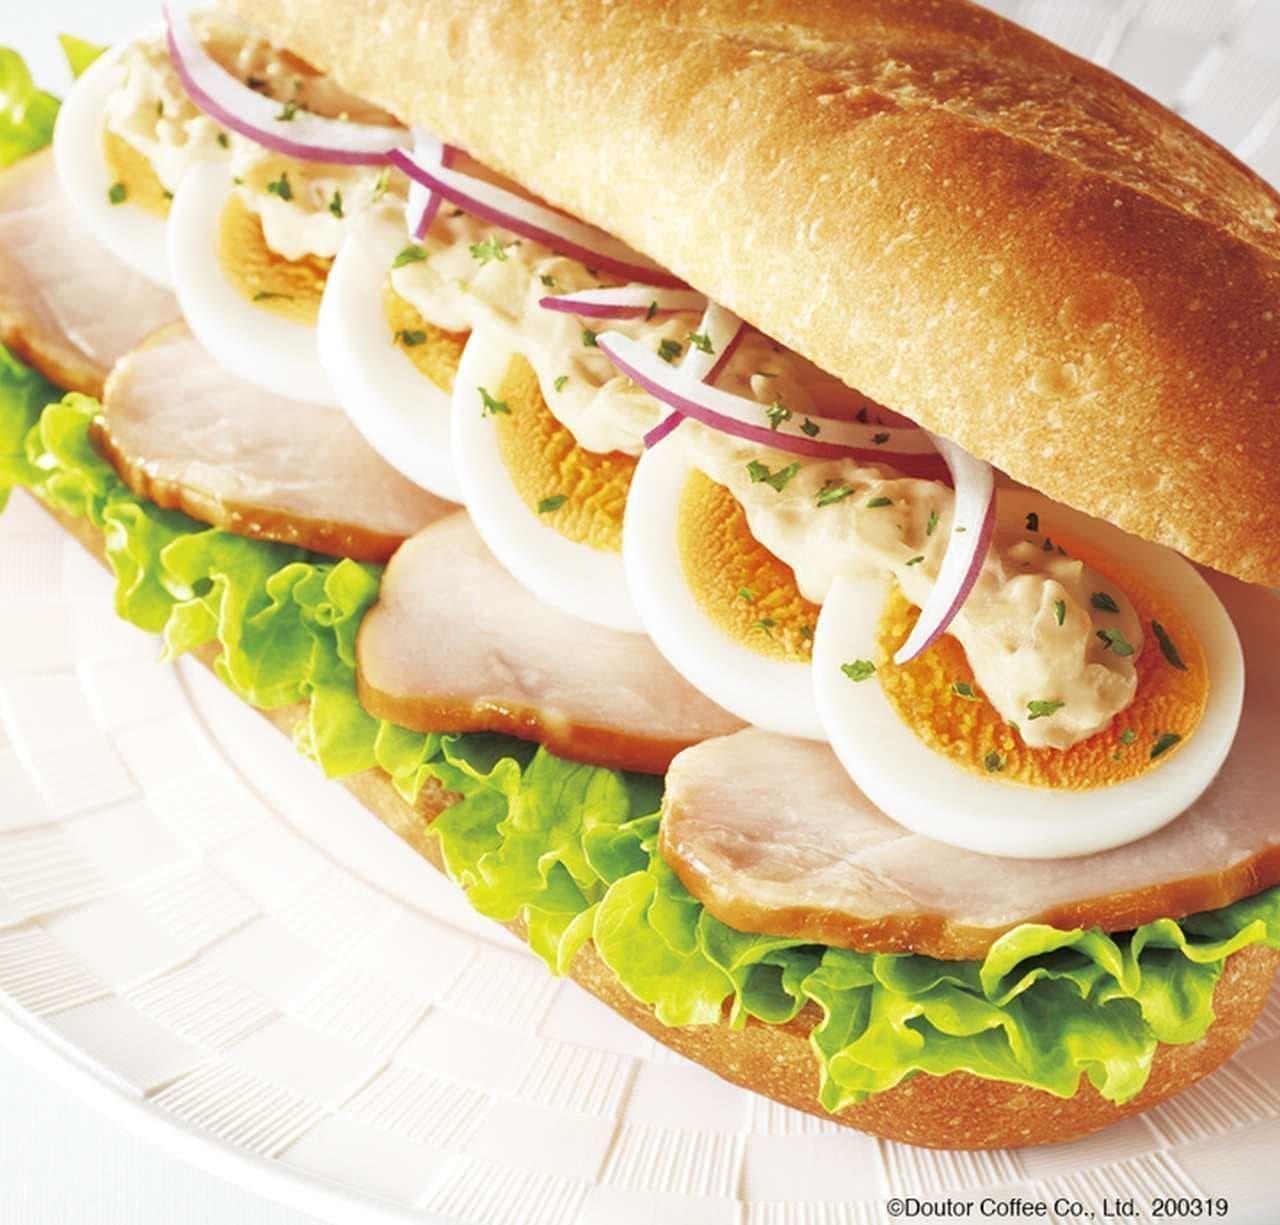 ドトール「ミラノサンドC スモークチキンと半熟たまご ~味噌ジンジャーソース~」